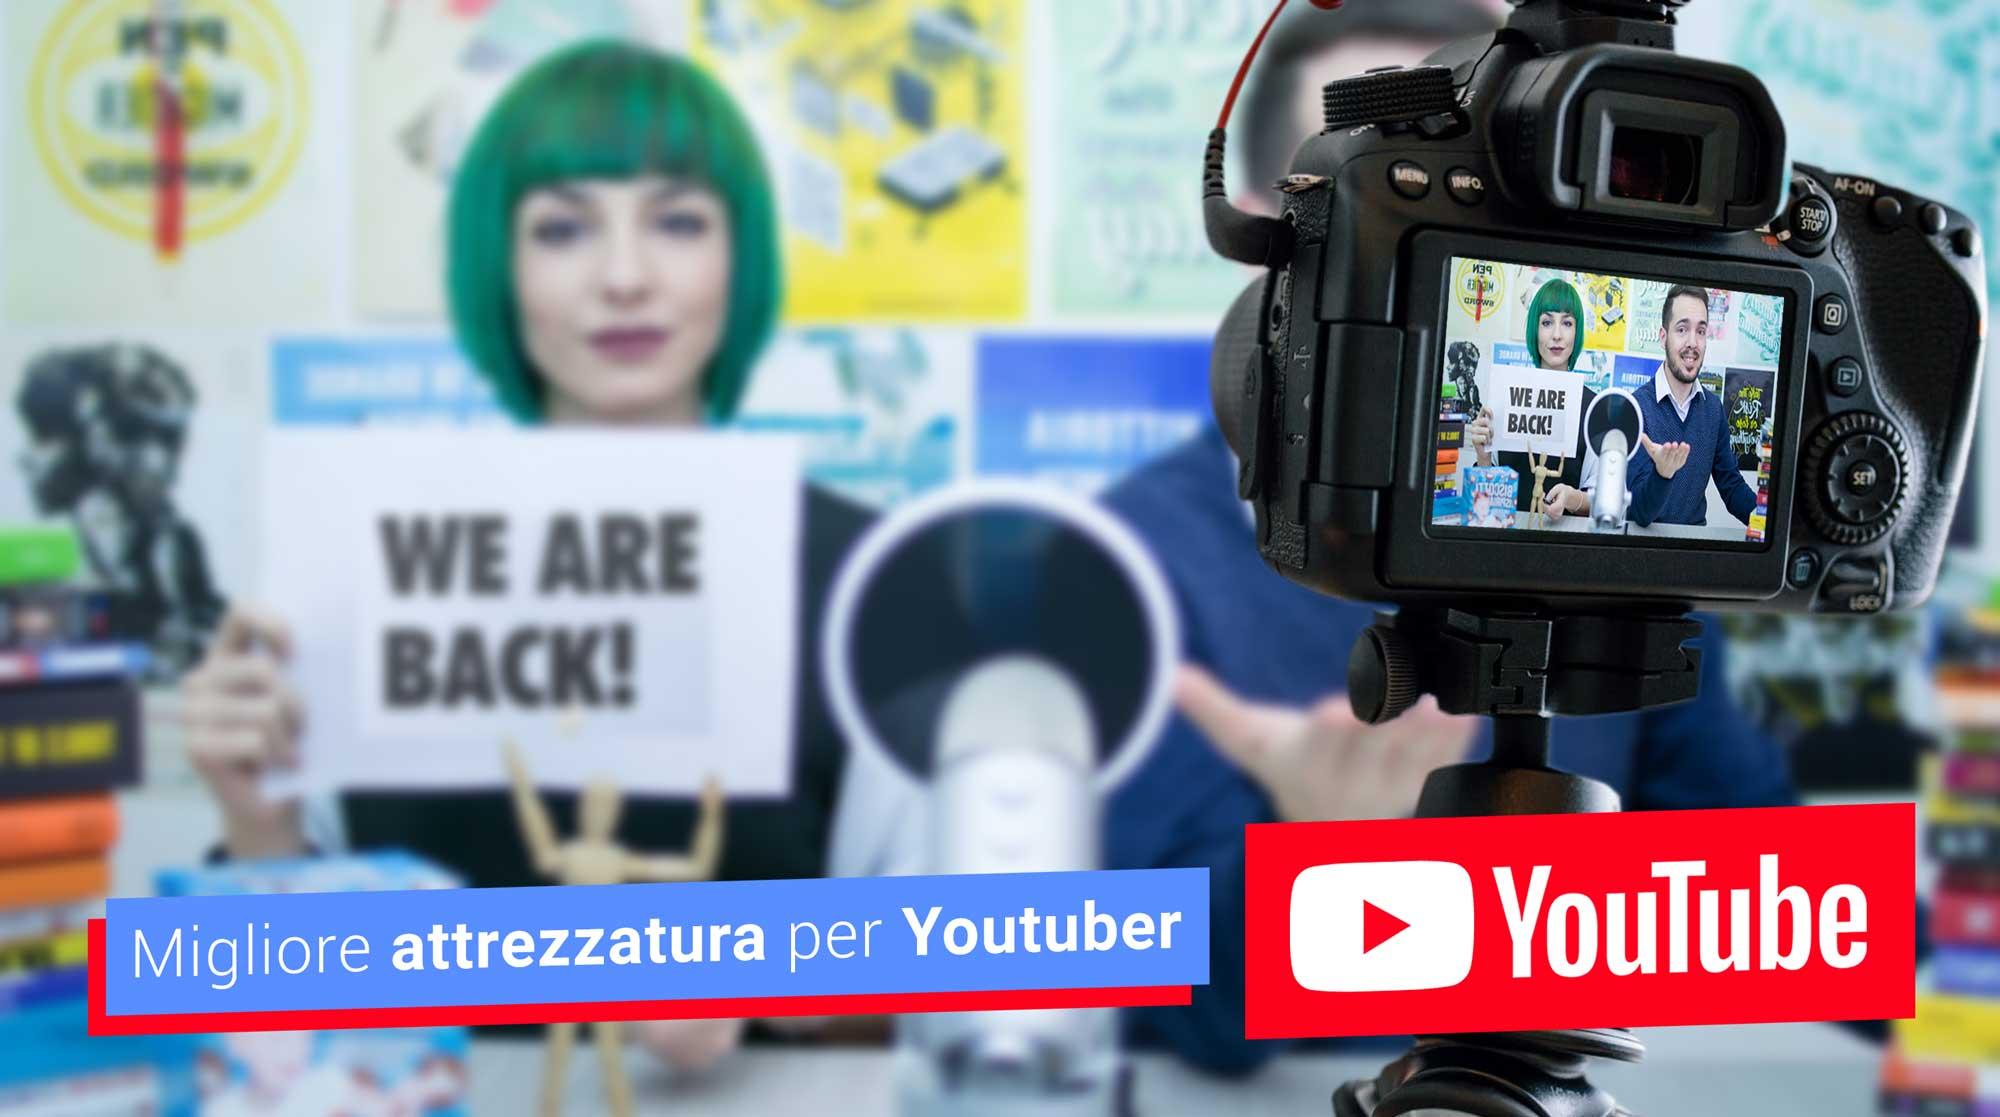 migliore-attrezzatura-per-Youtuber